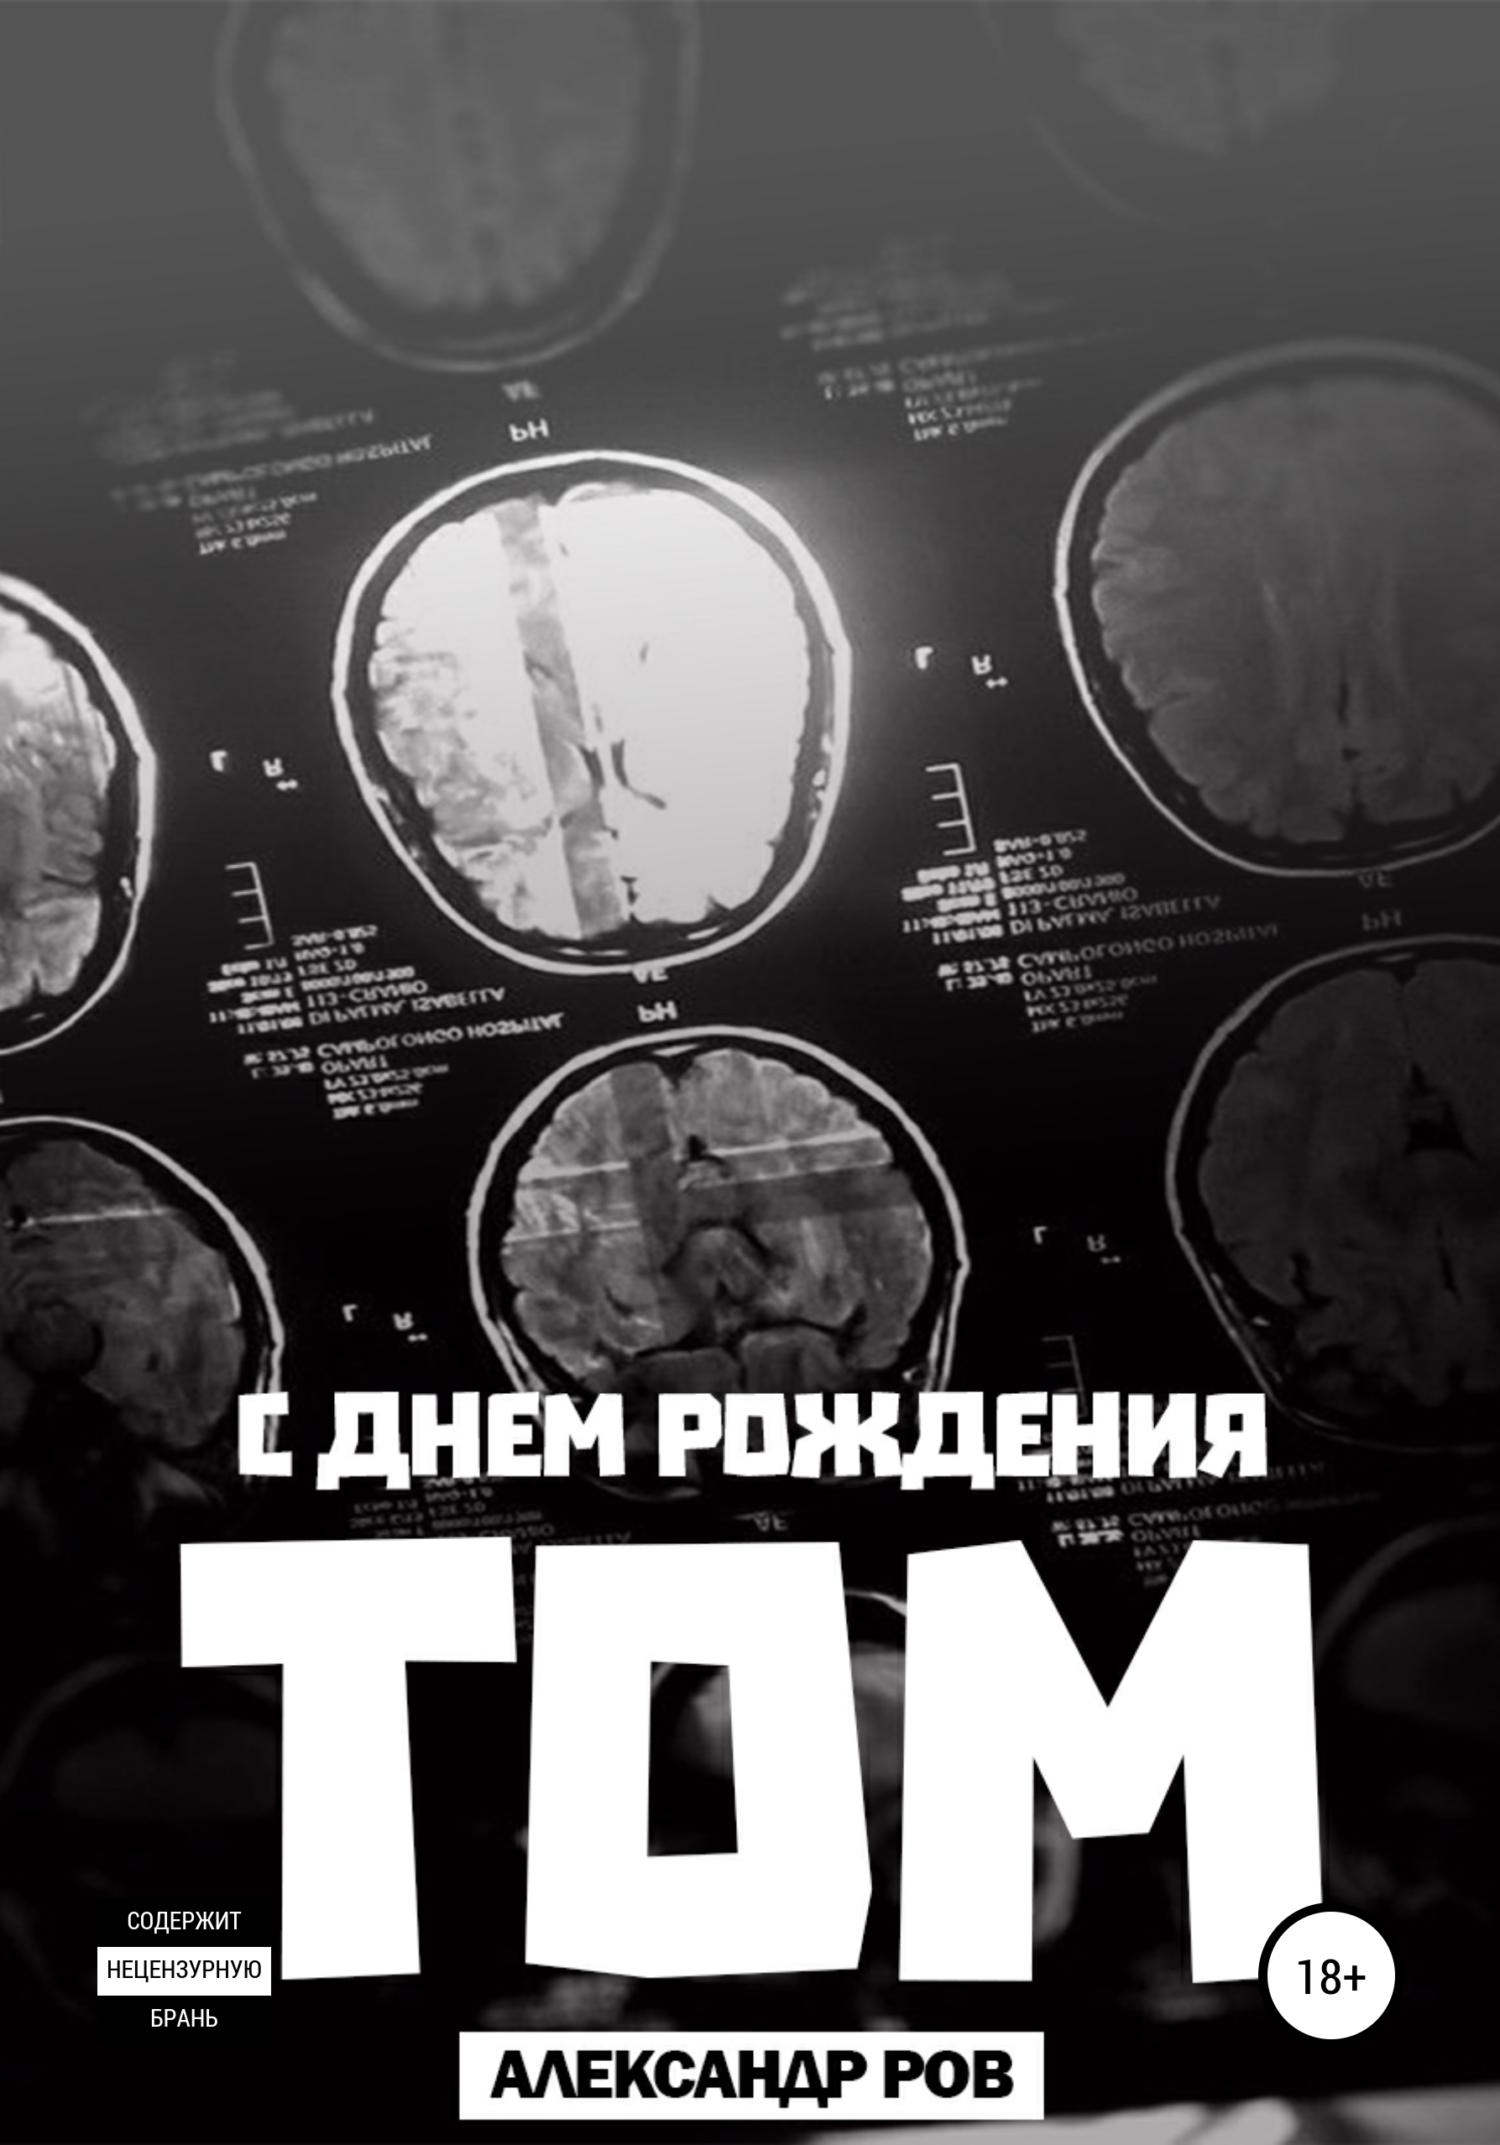 С днем рождения, Том!